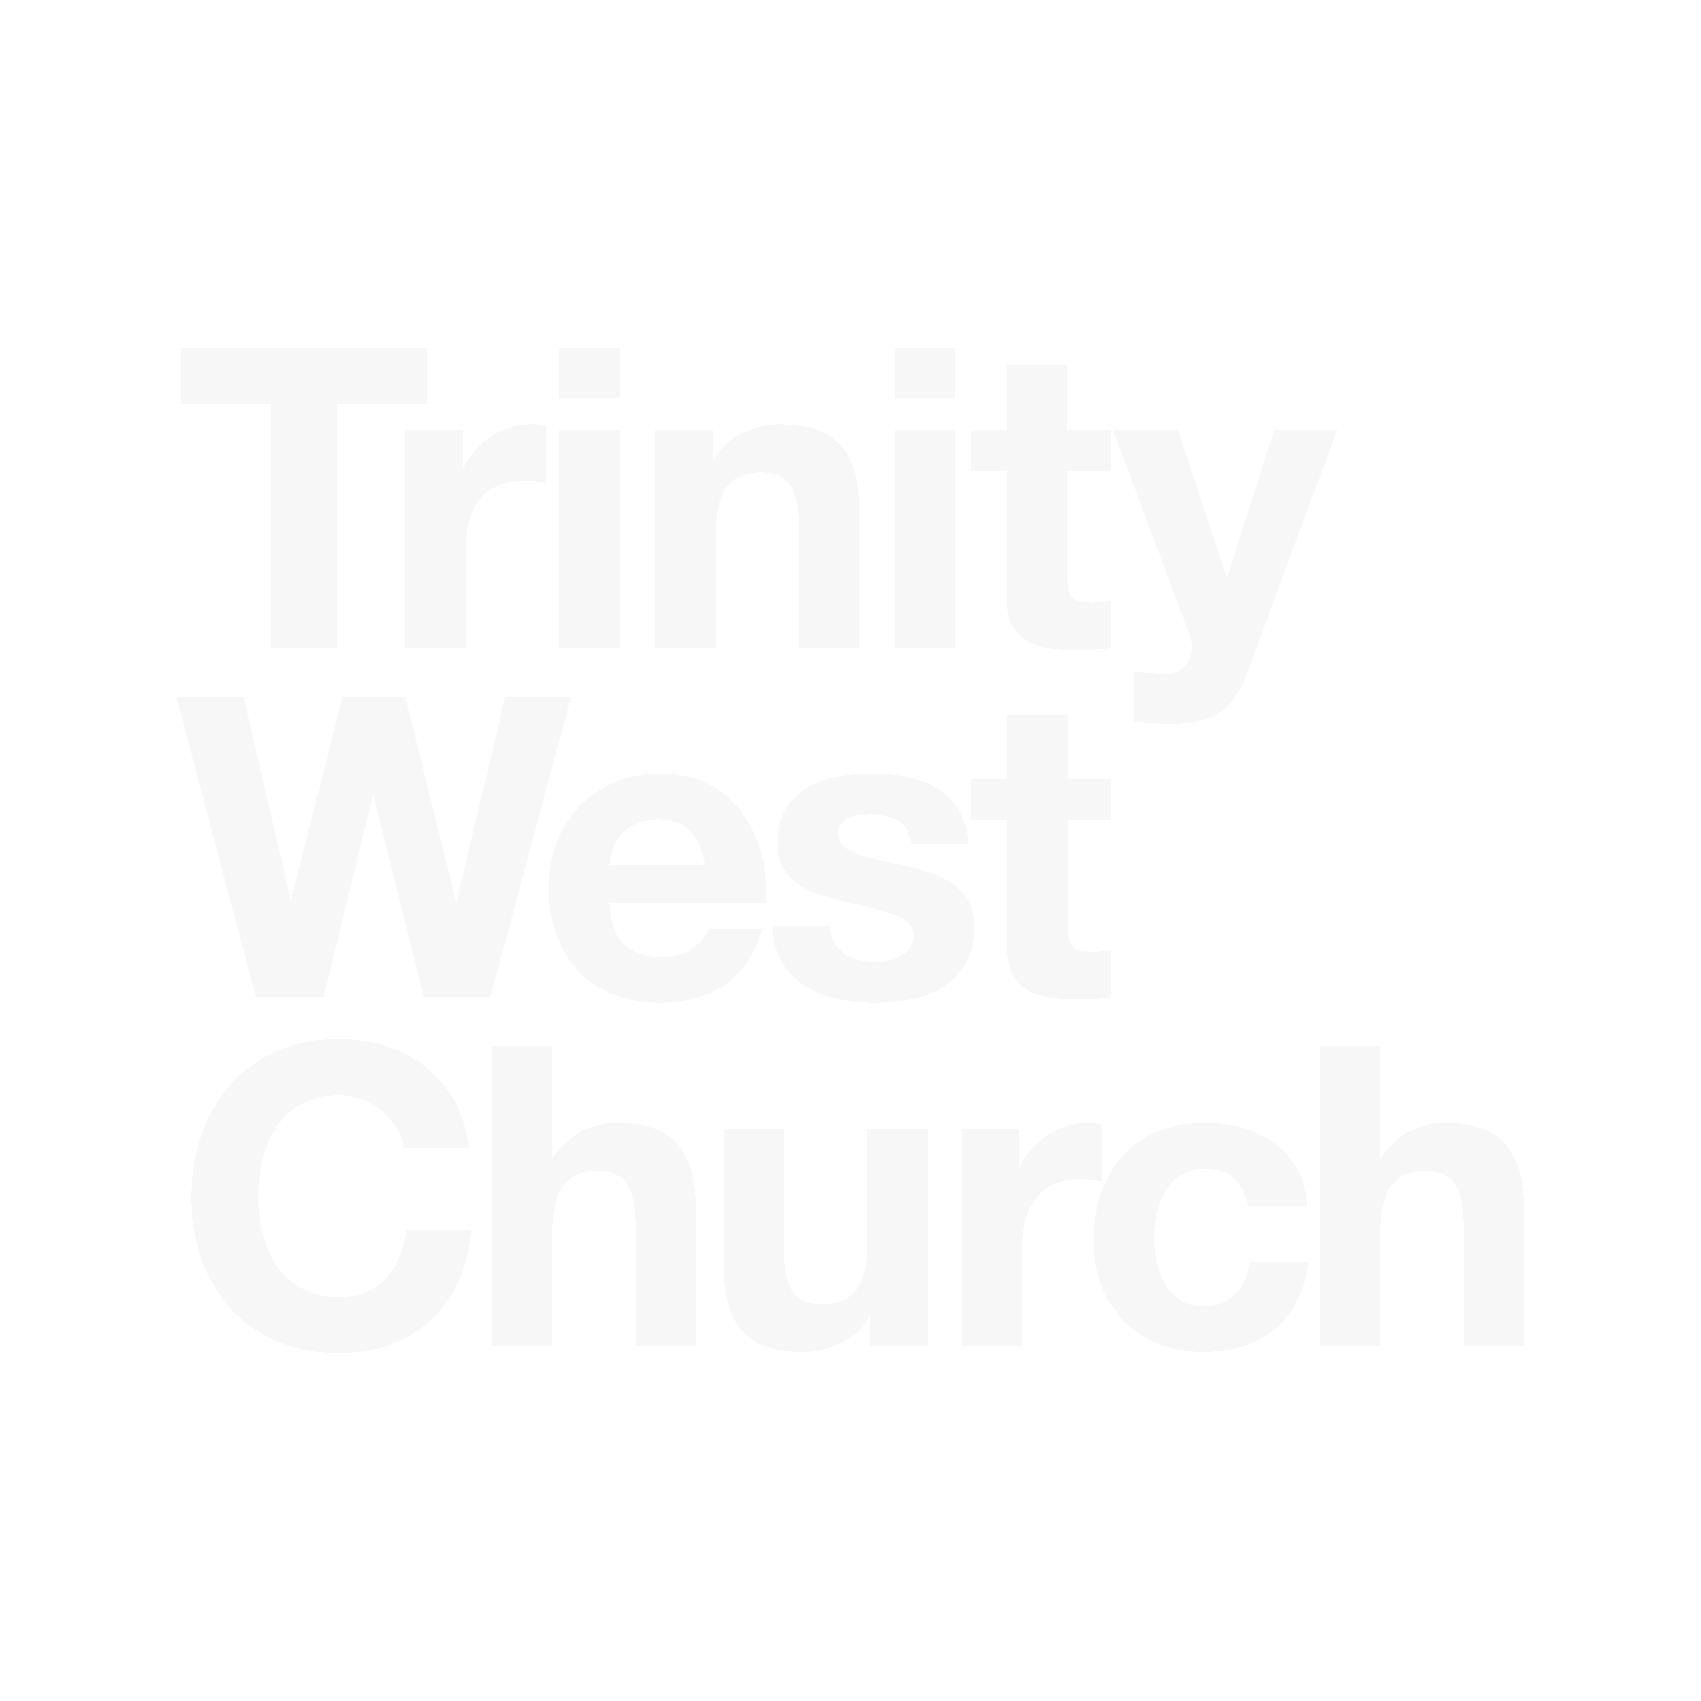 logo-white-text